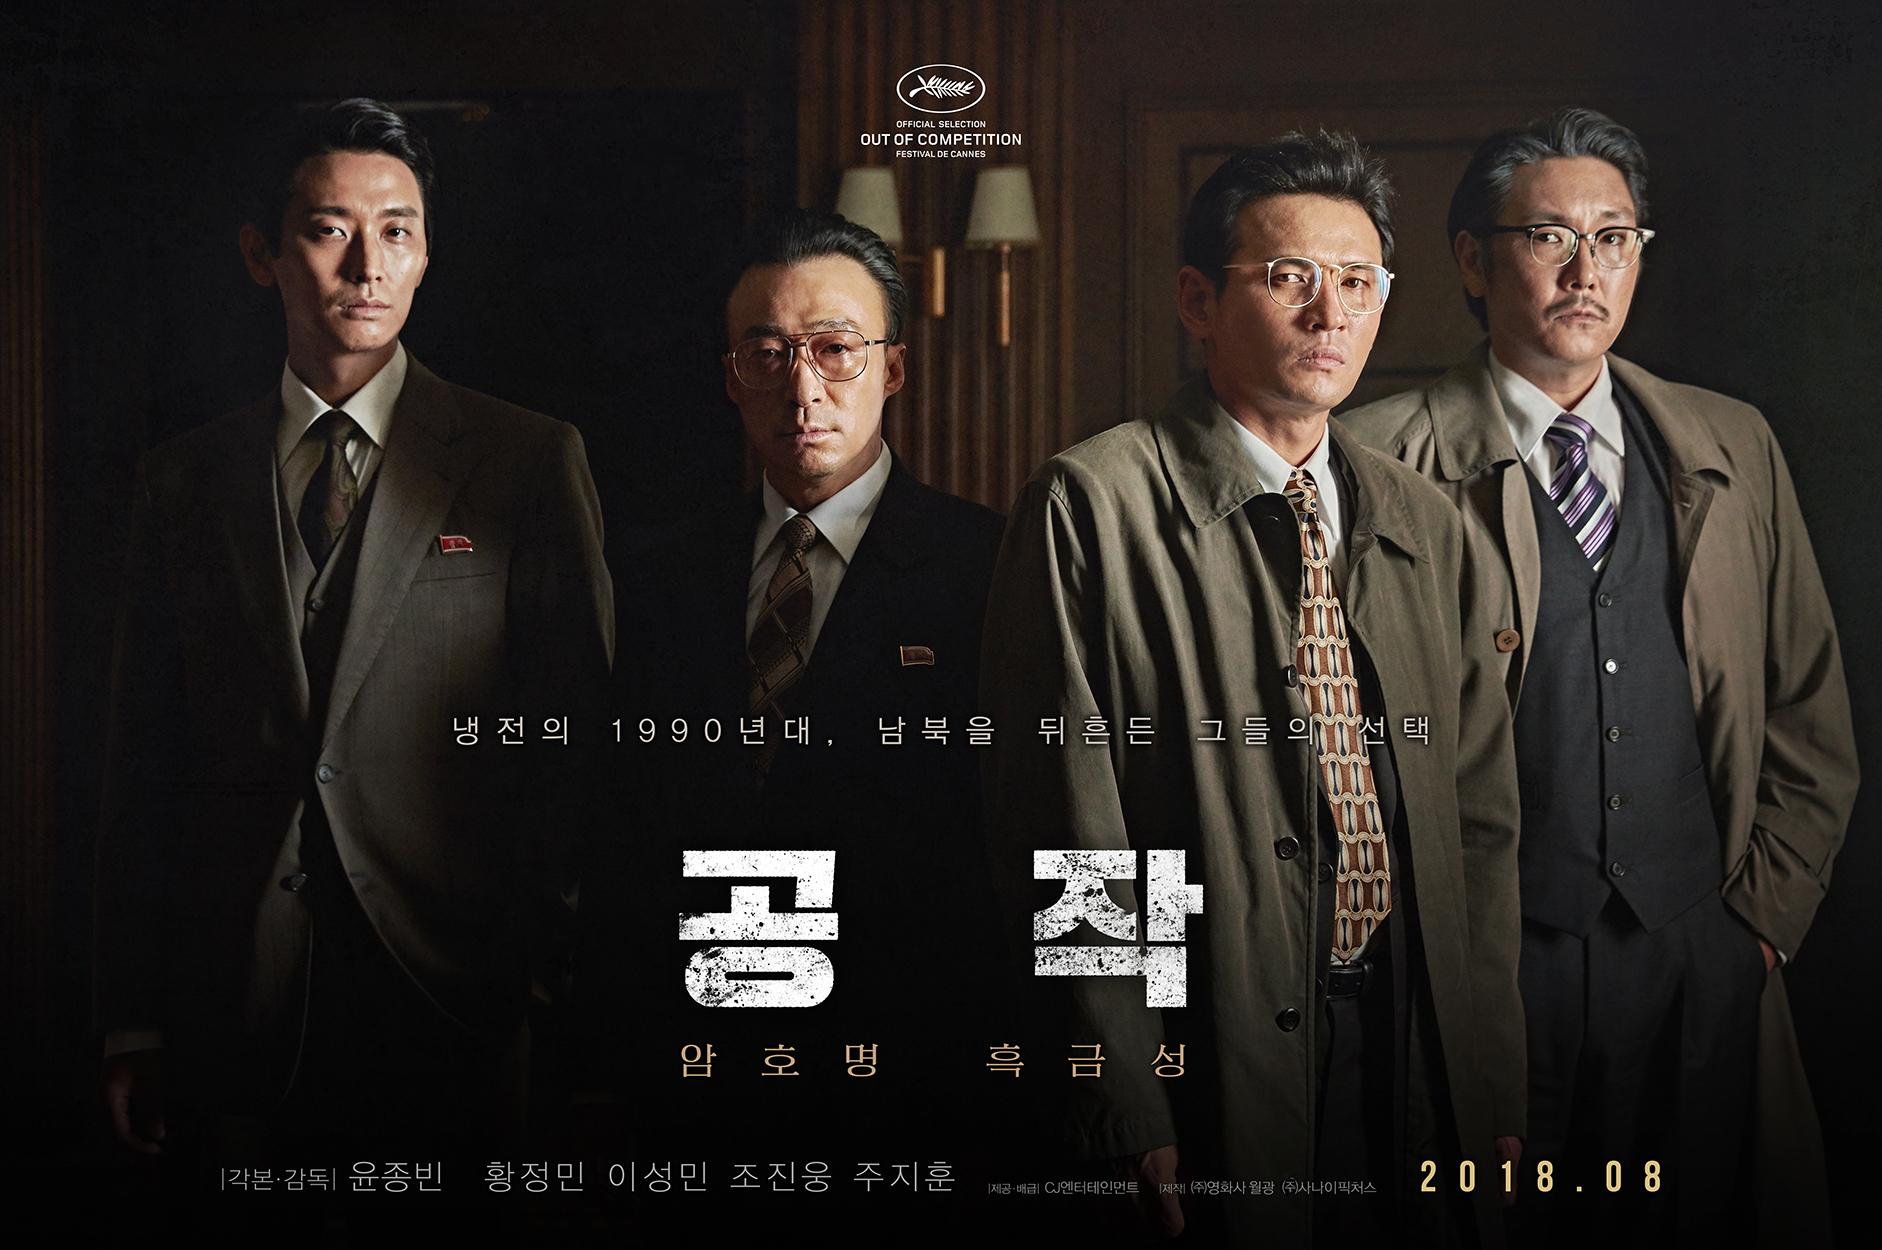 황정민-이성민-조진웅-주지훈의 뜨거운 시너지! 메인 포스터 공개